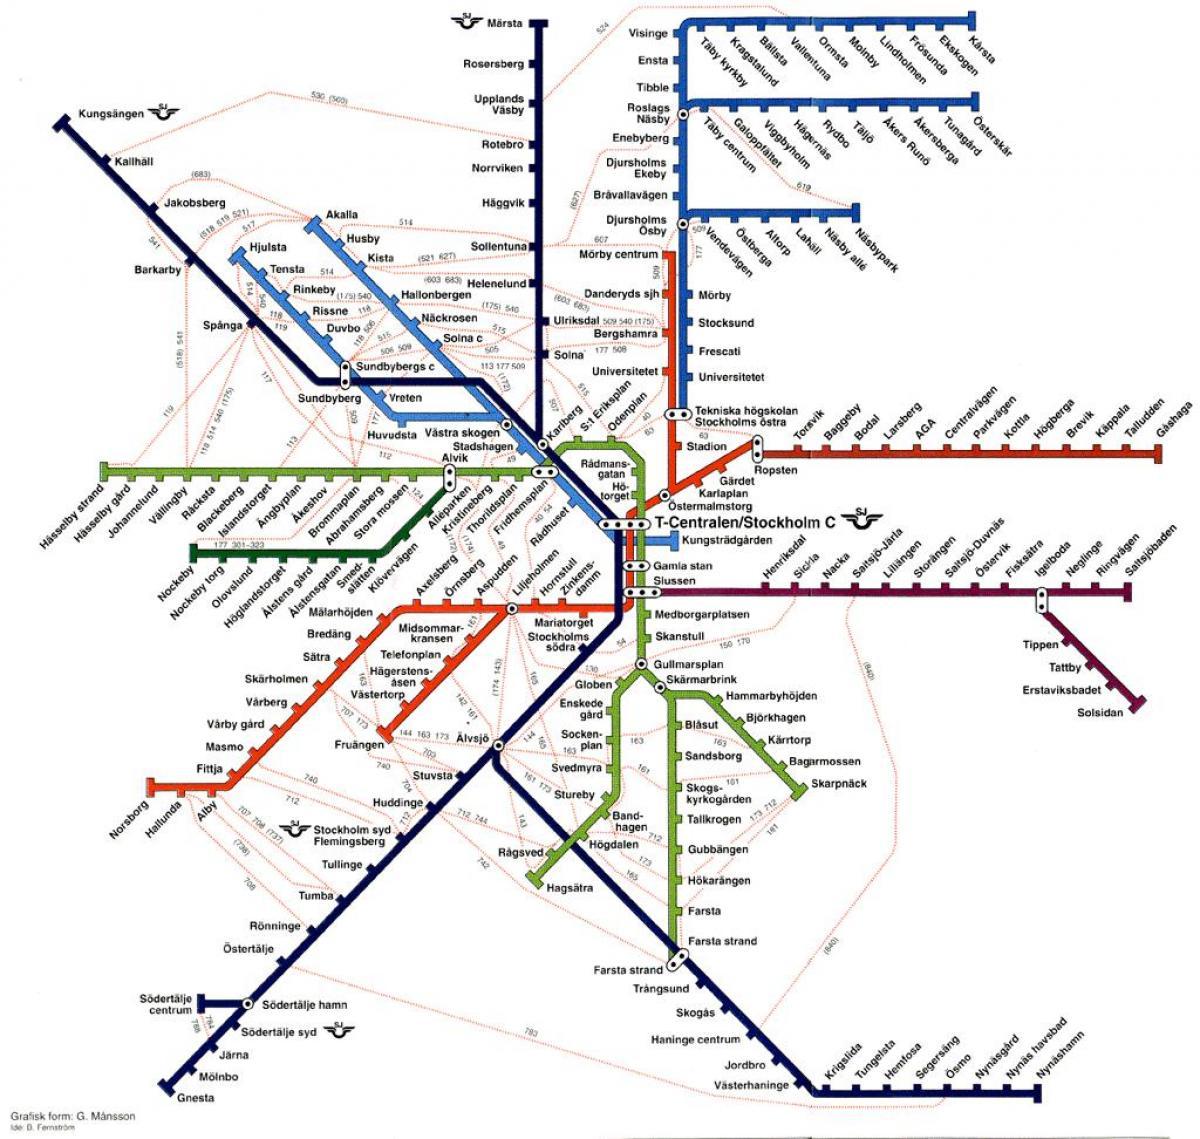 Sl Karta Stockholm Uppsala.Sl Map Stockholm Sl Train Map Sodermanland And Uppland Sweden